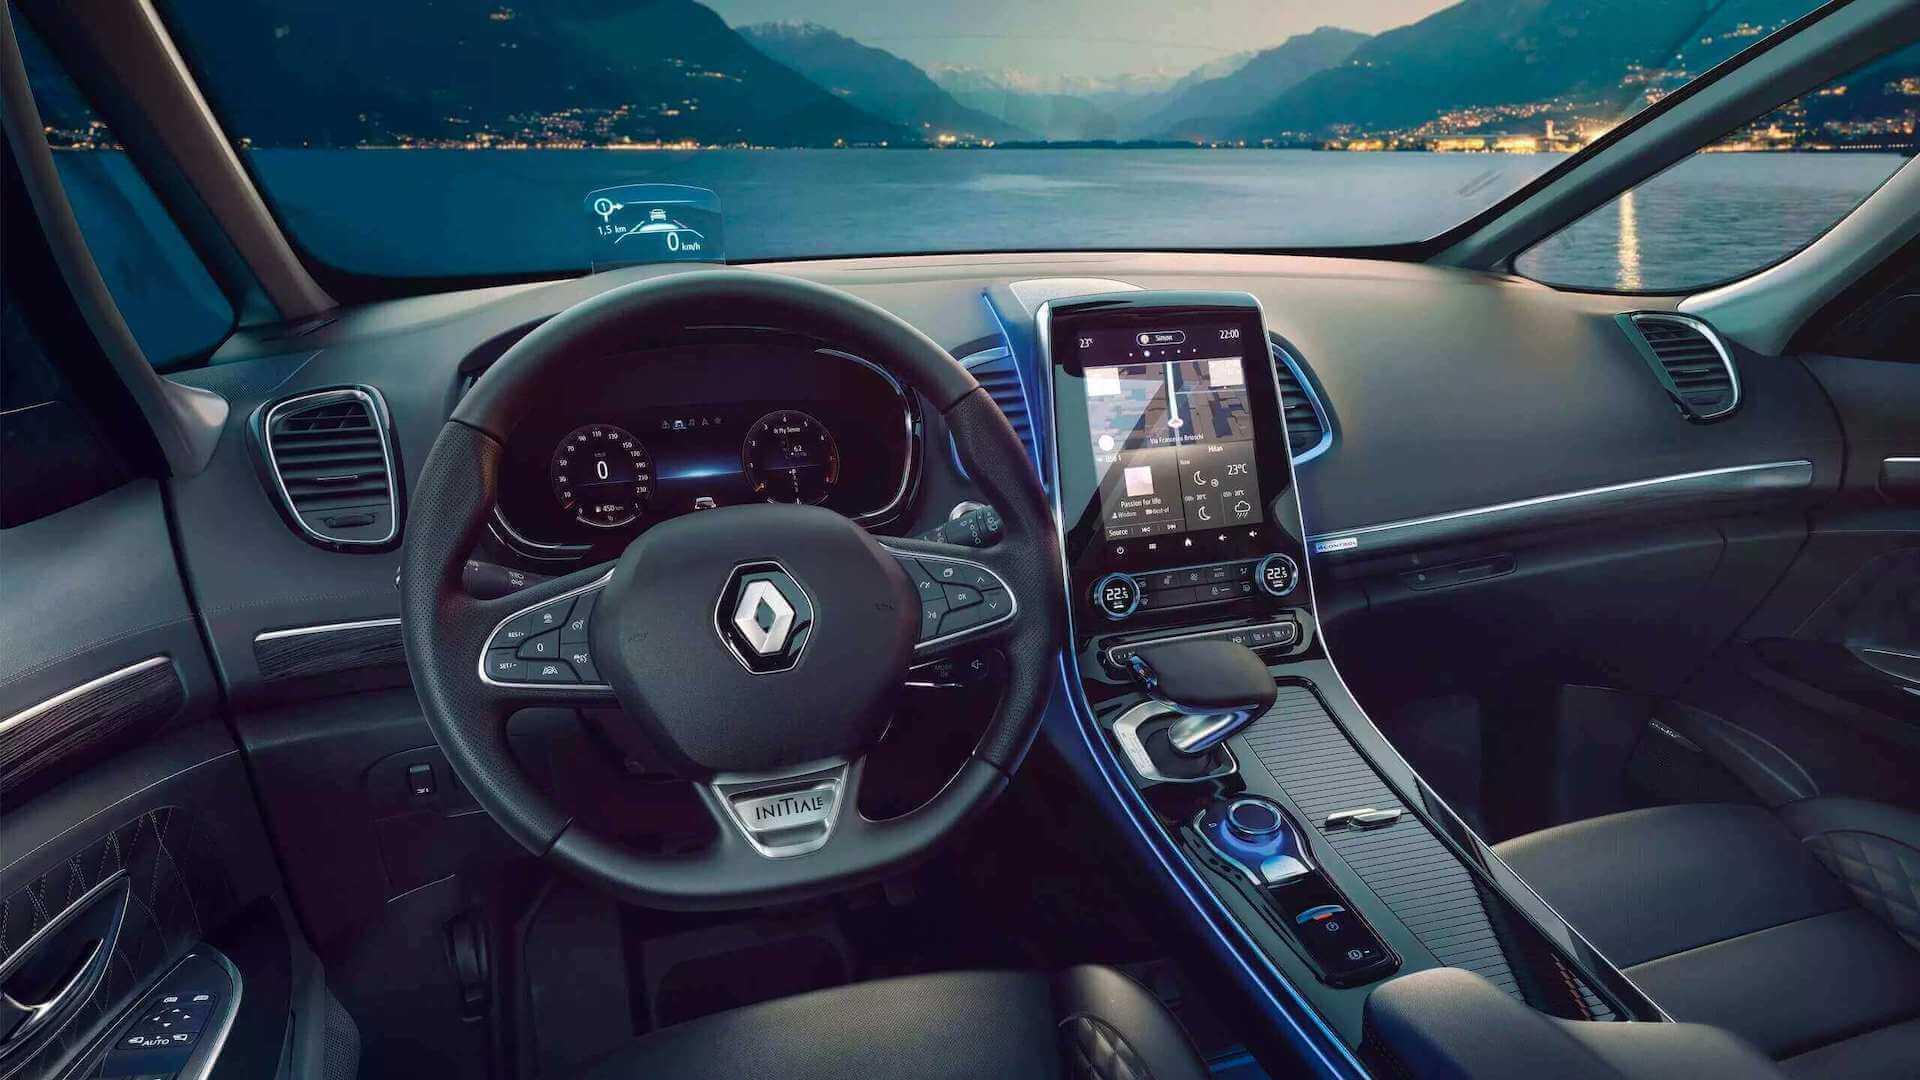 Cockpit - Innenansicht vom Auto - Renault Espace - Renault Ahrens Hannover